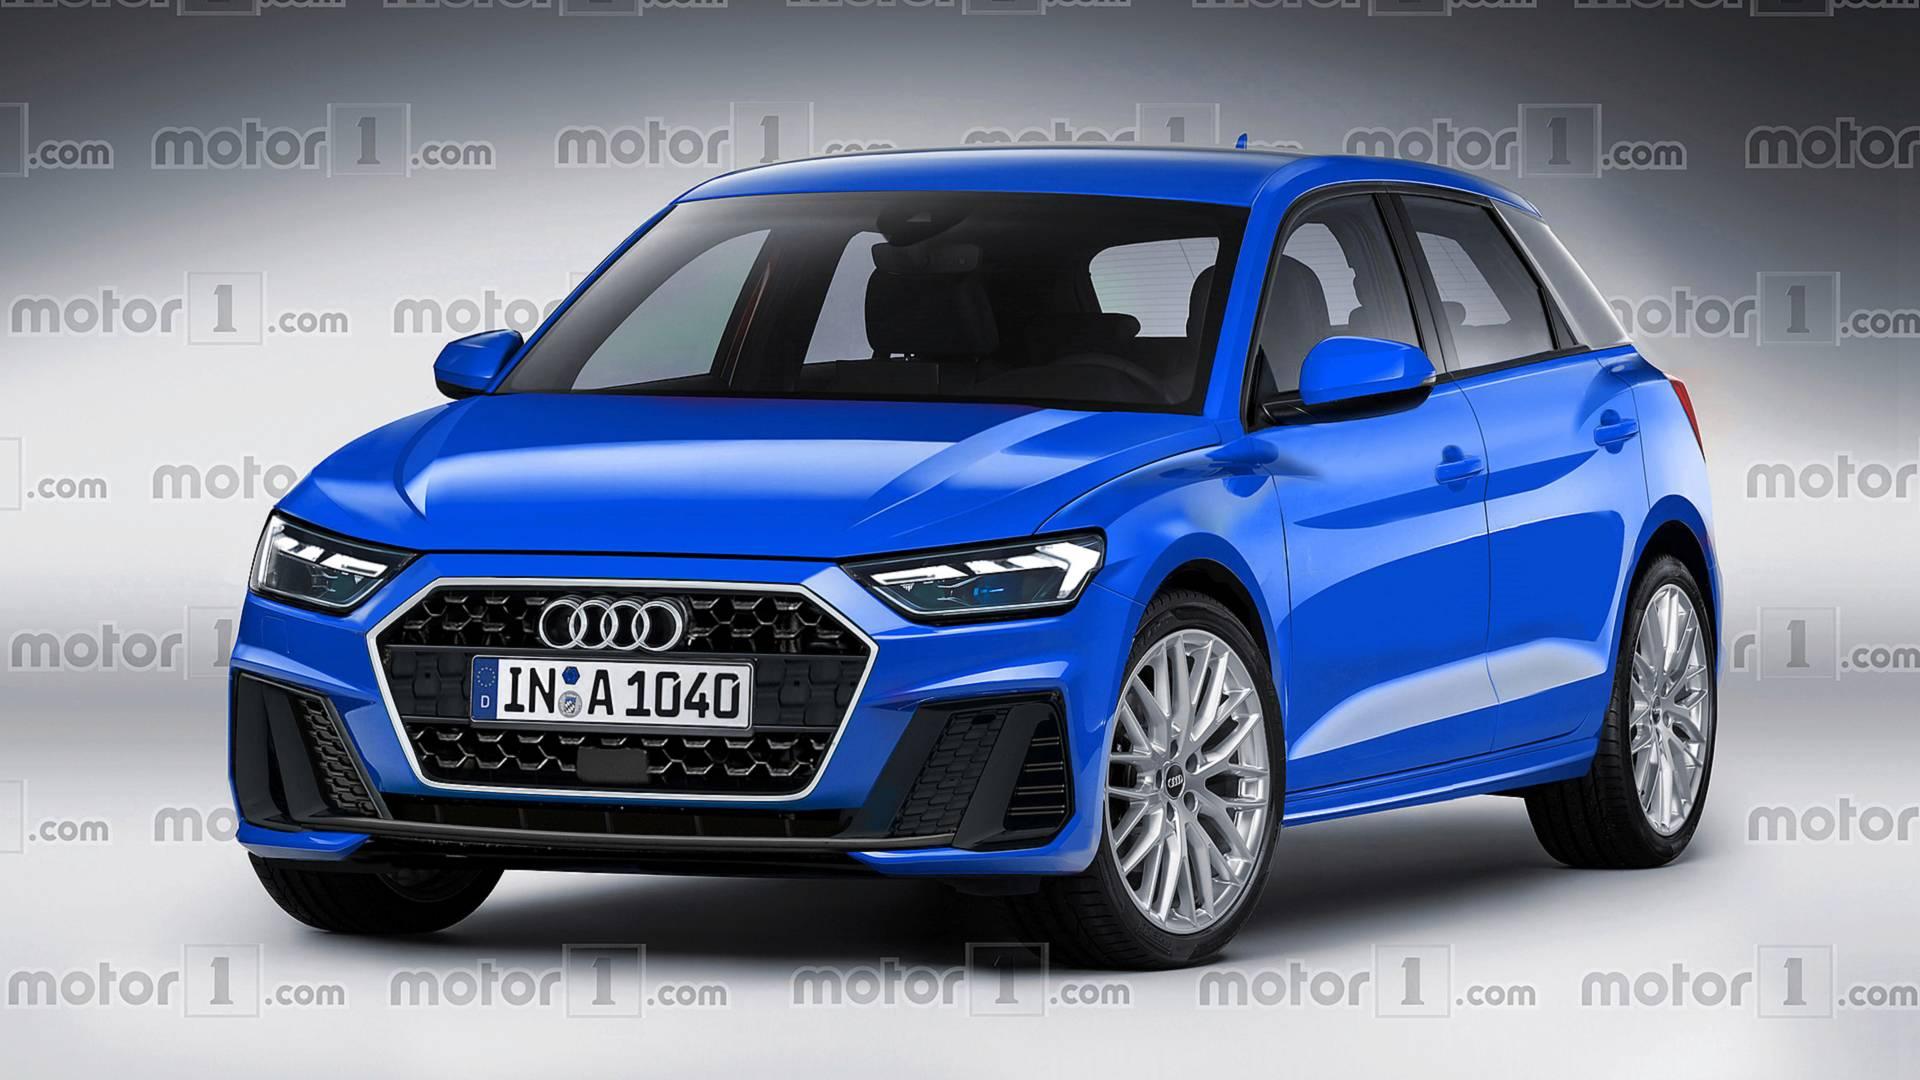 2018 Audi A1 Sportback Ii Page 7